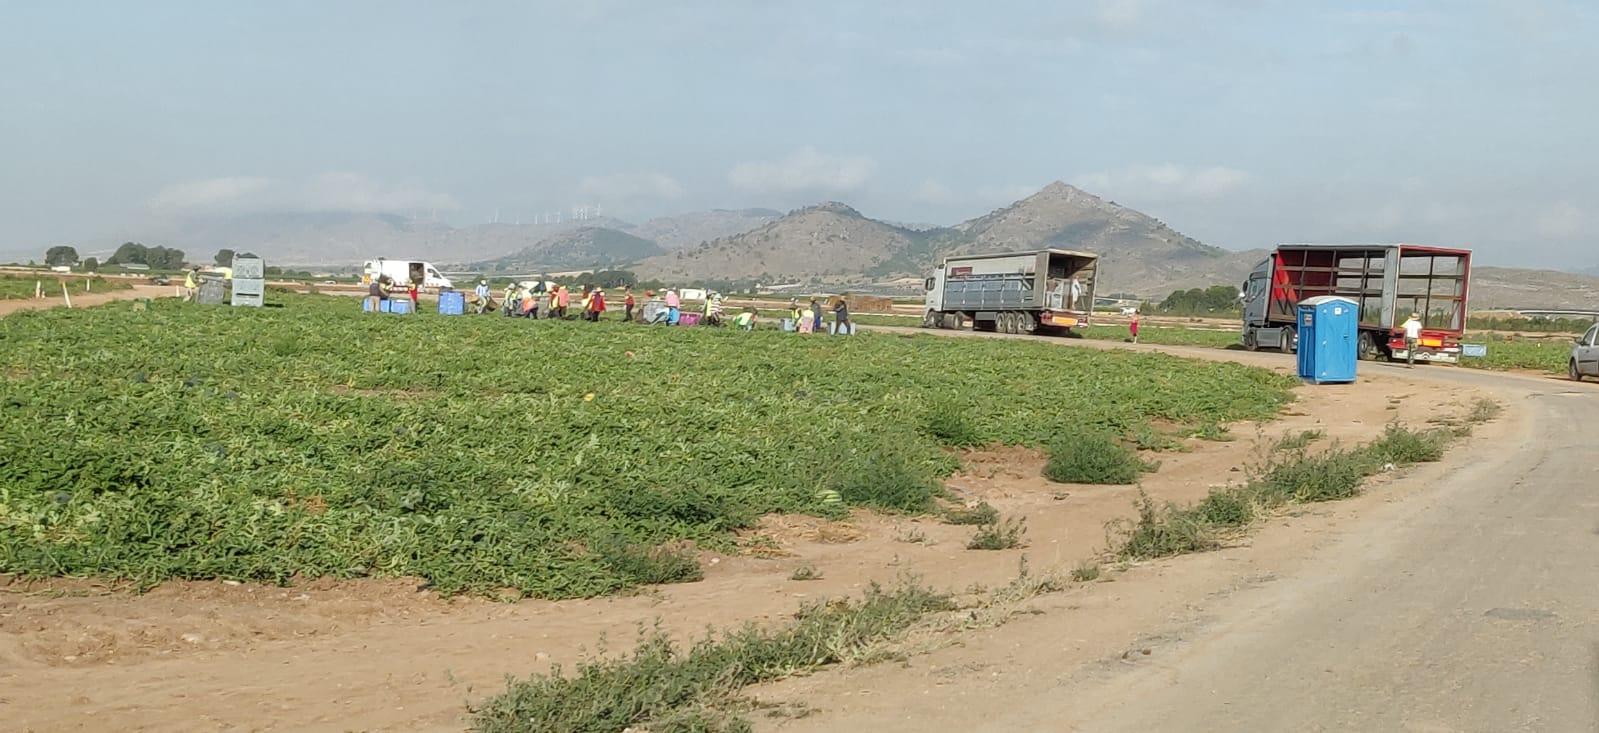 La invasión de residuos de plástico de uso agrícola es otro de los motivos de las quejas vecinales en Yecla. Imagen: Plataforma Ciudadana Salvemos el Arabí y Comarca